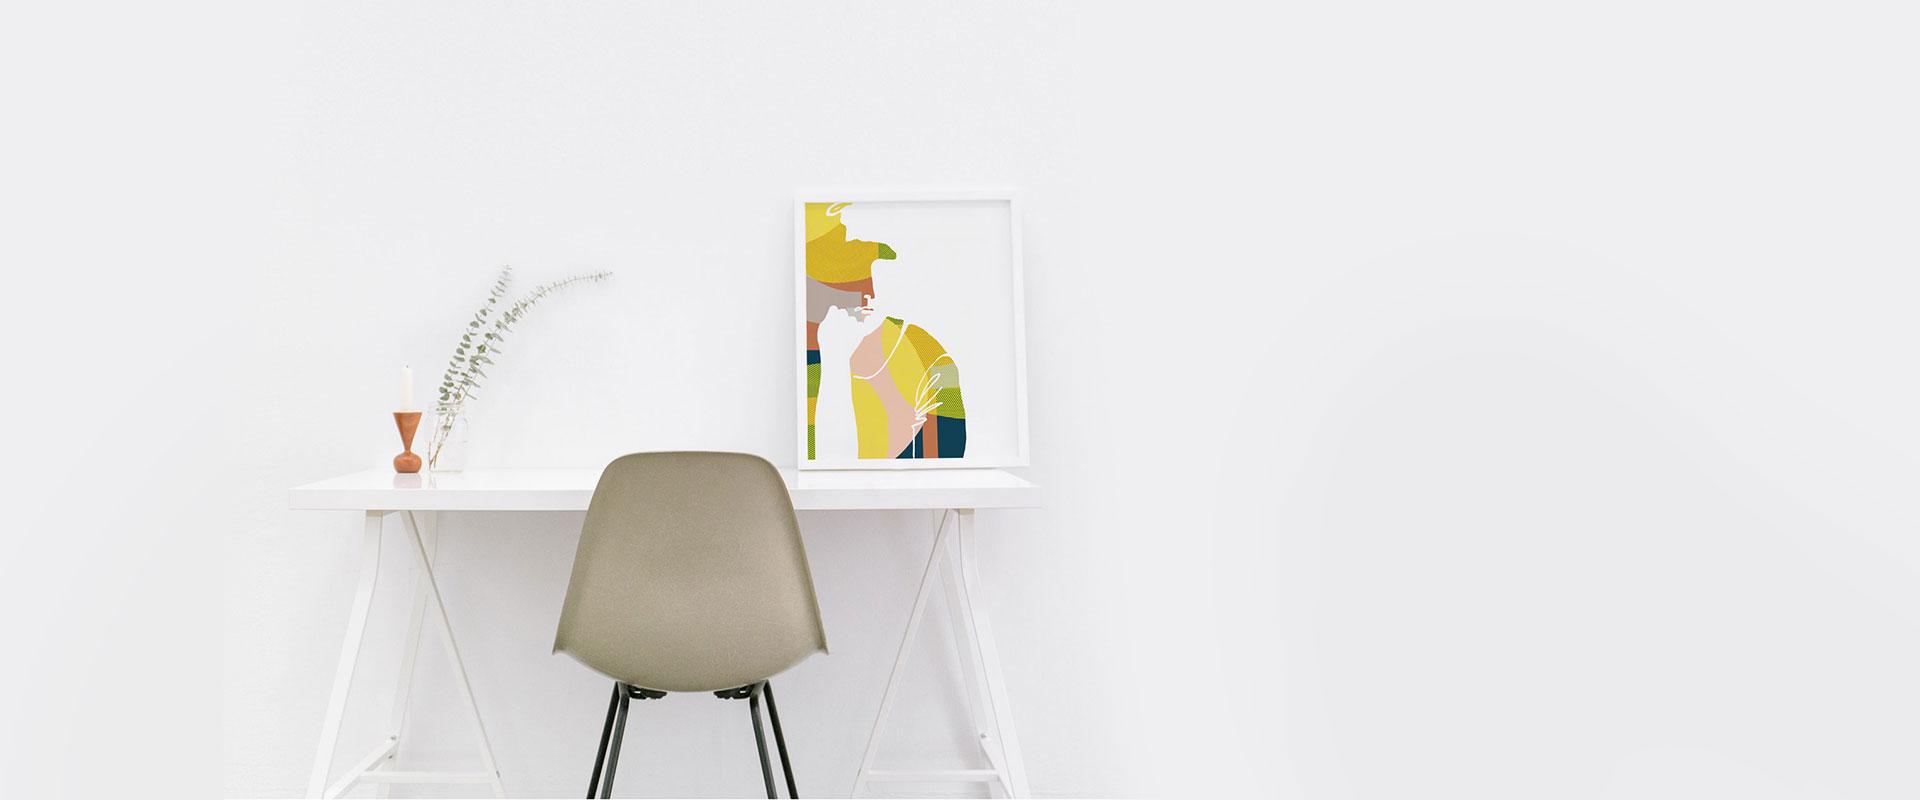 Bild eines Schreibtisches an einer weißen Wand mit einem Stuhl davor. Auf dem Schreibtisch steht ein großer Bilderrahmen mit einer Illustration von einer Frau.